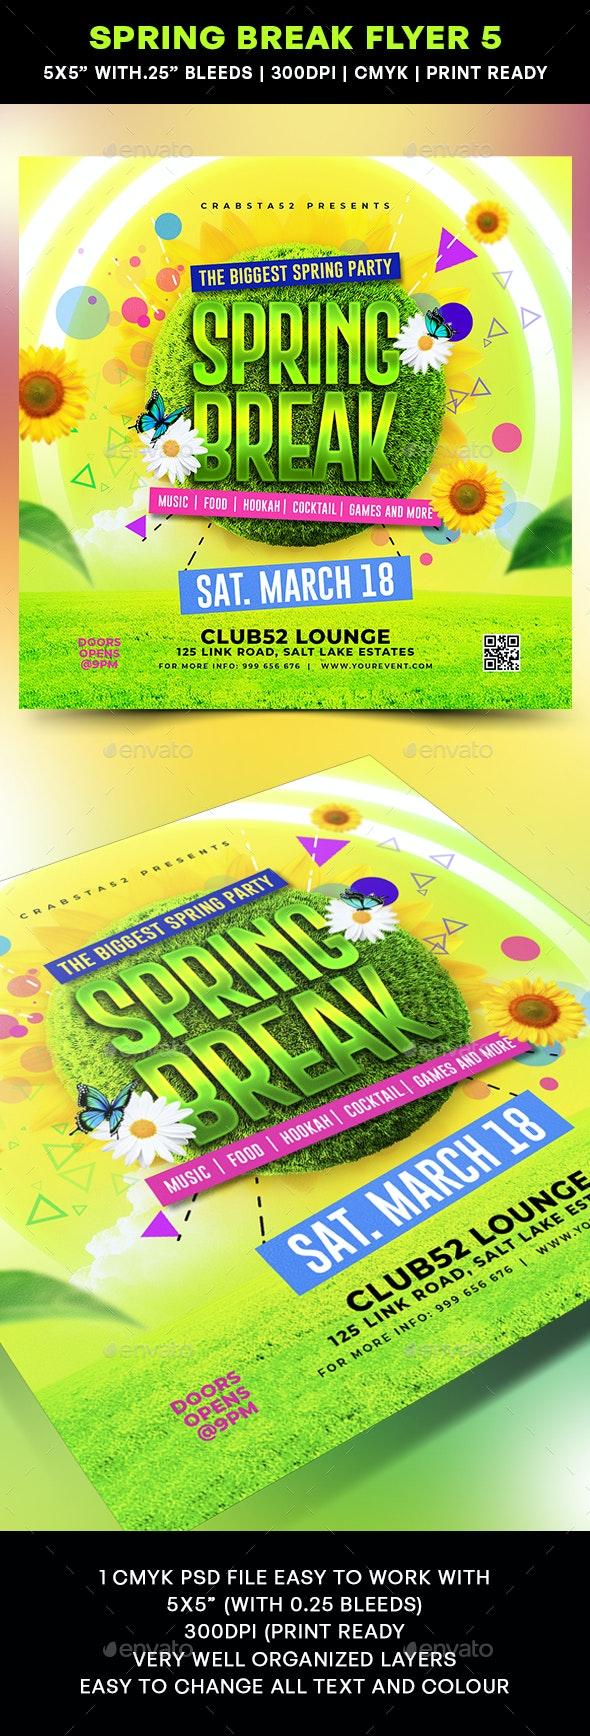 Spring Break Flyer 5 - Flyers Print Templates